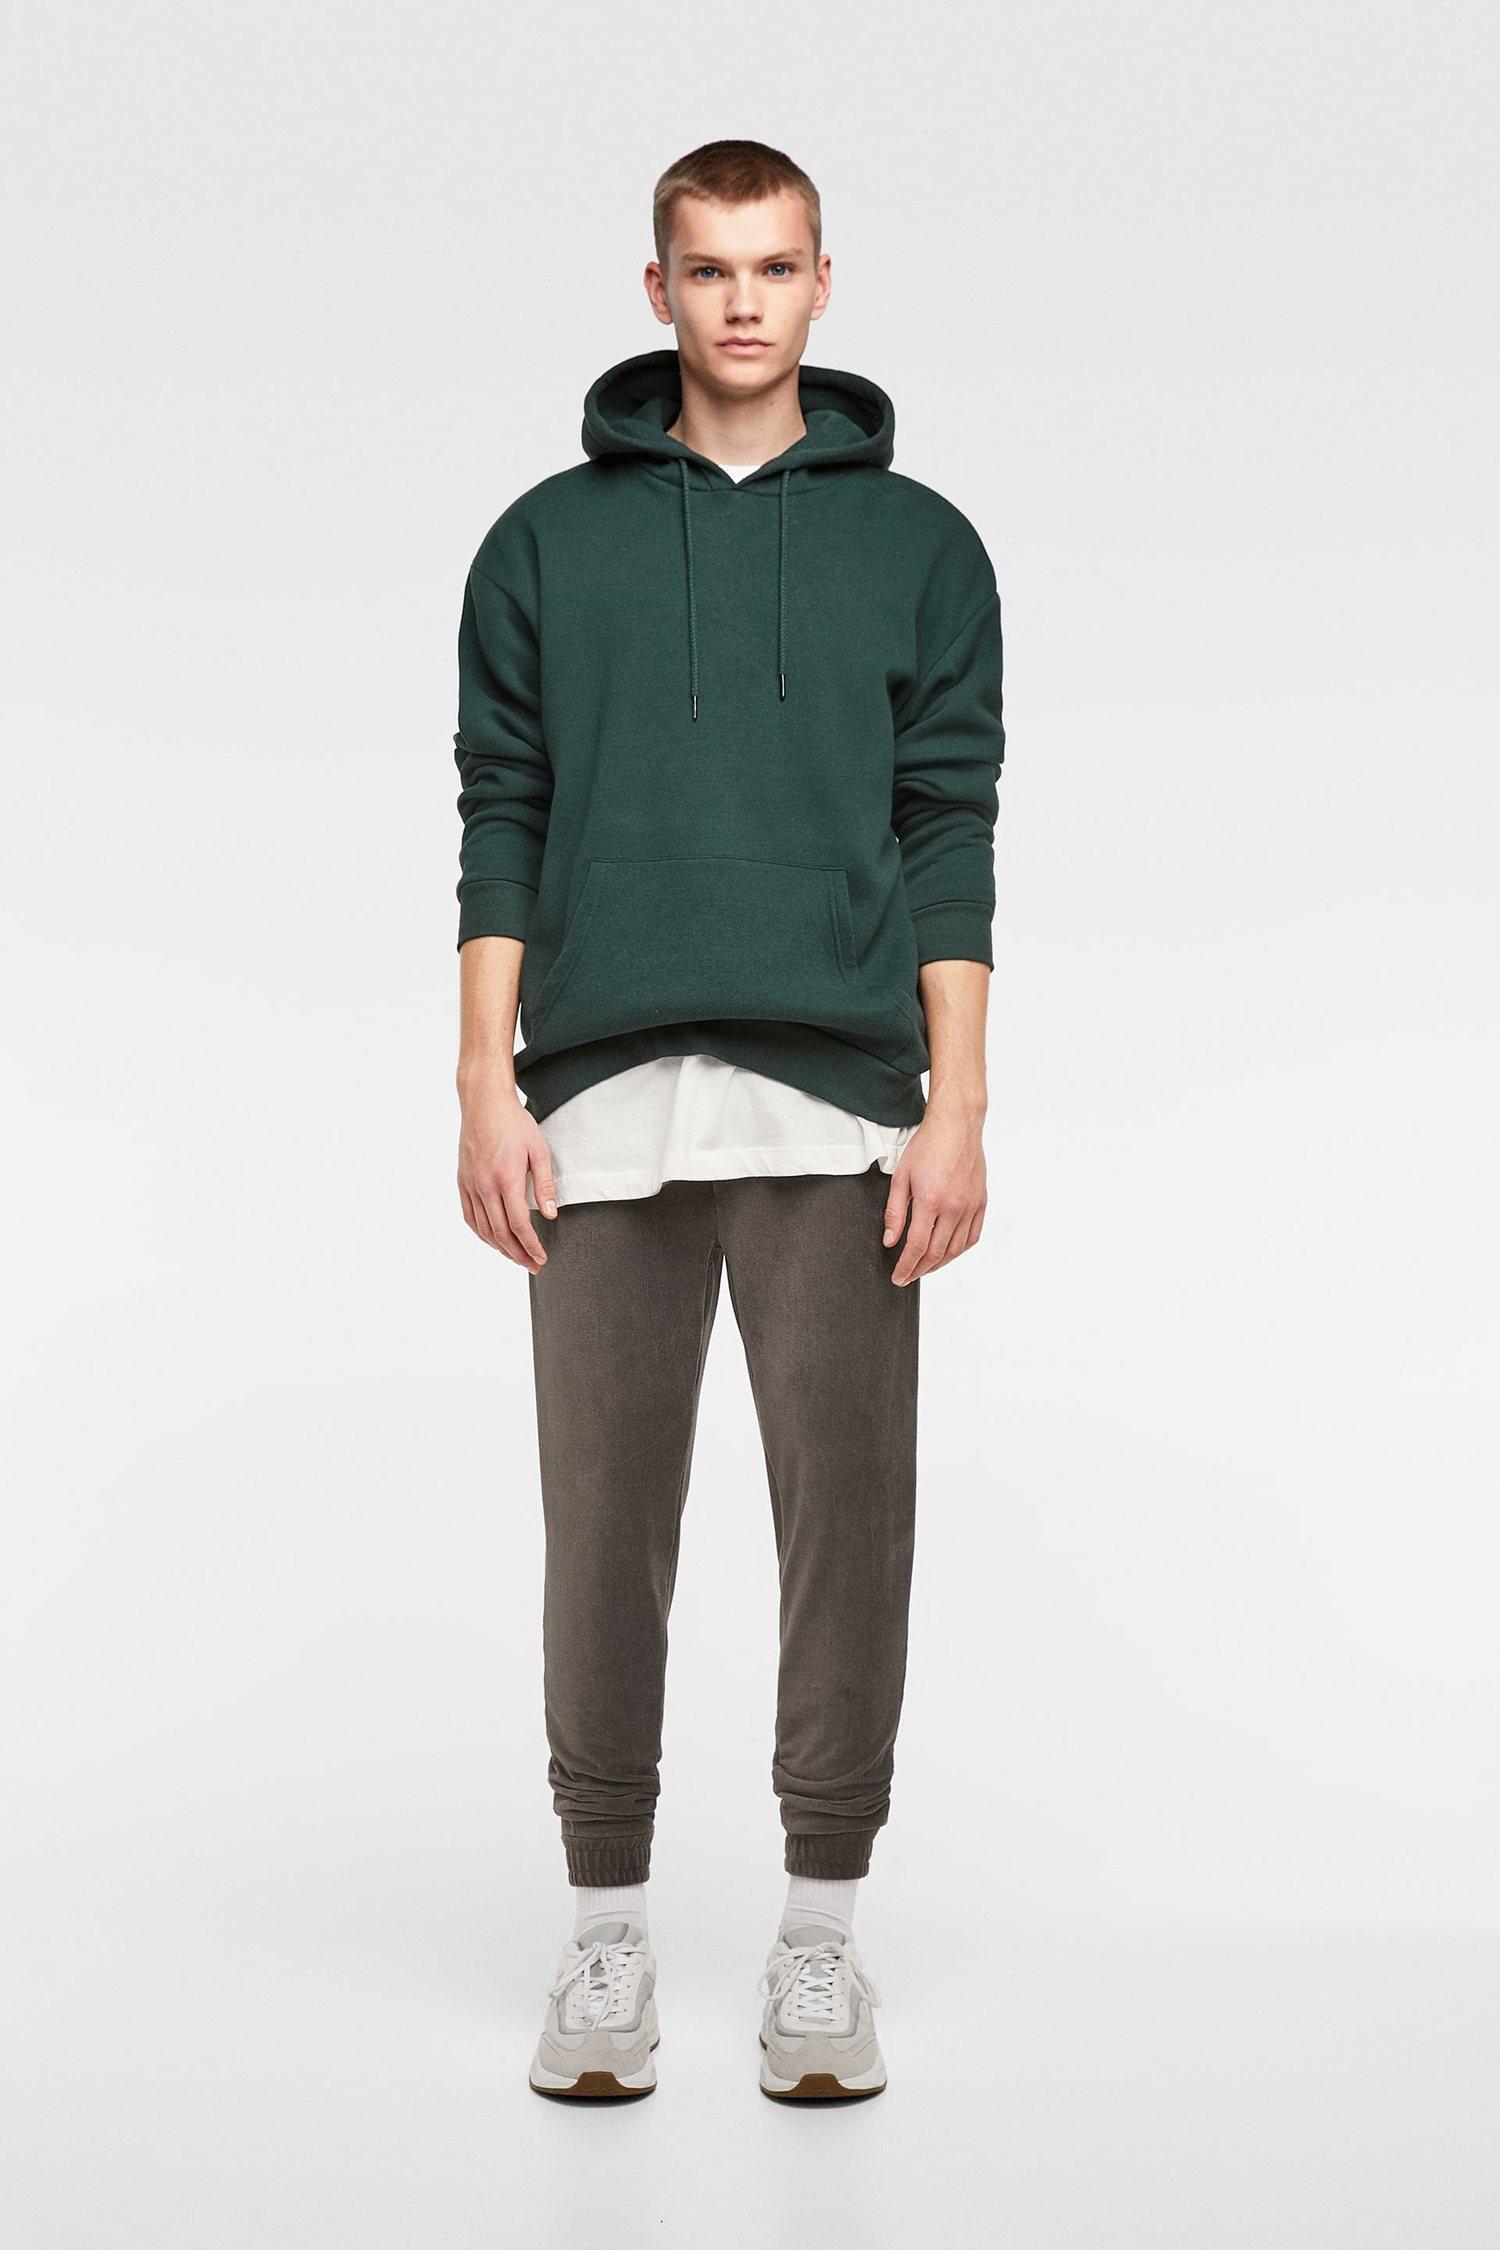 Pantalón jogger gris de pana de Zara.